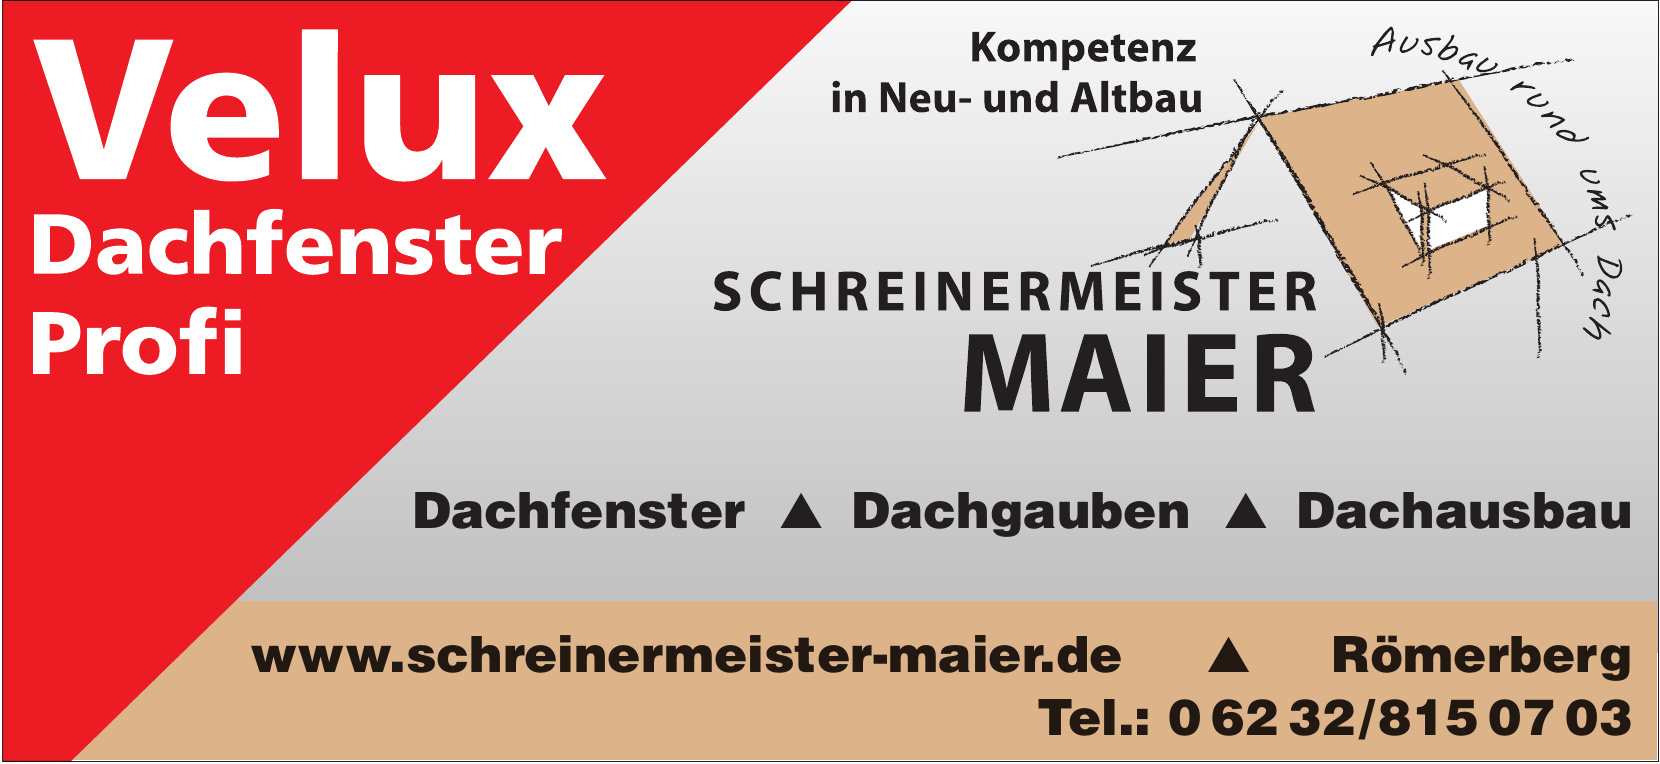 Schreinermeister Maier